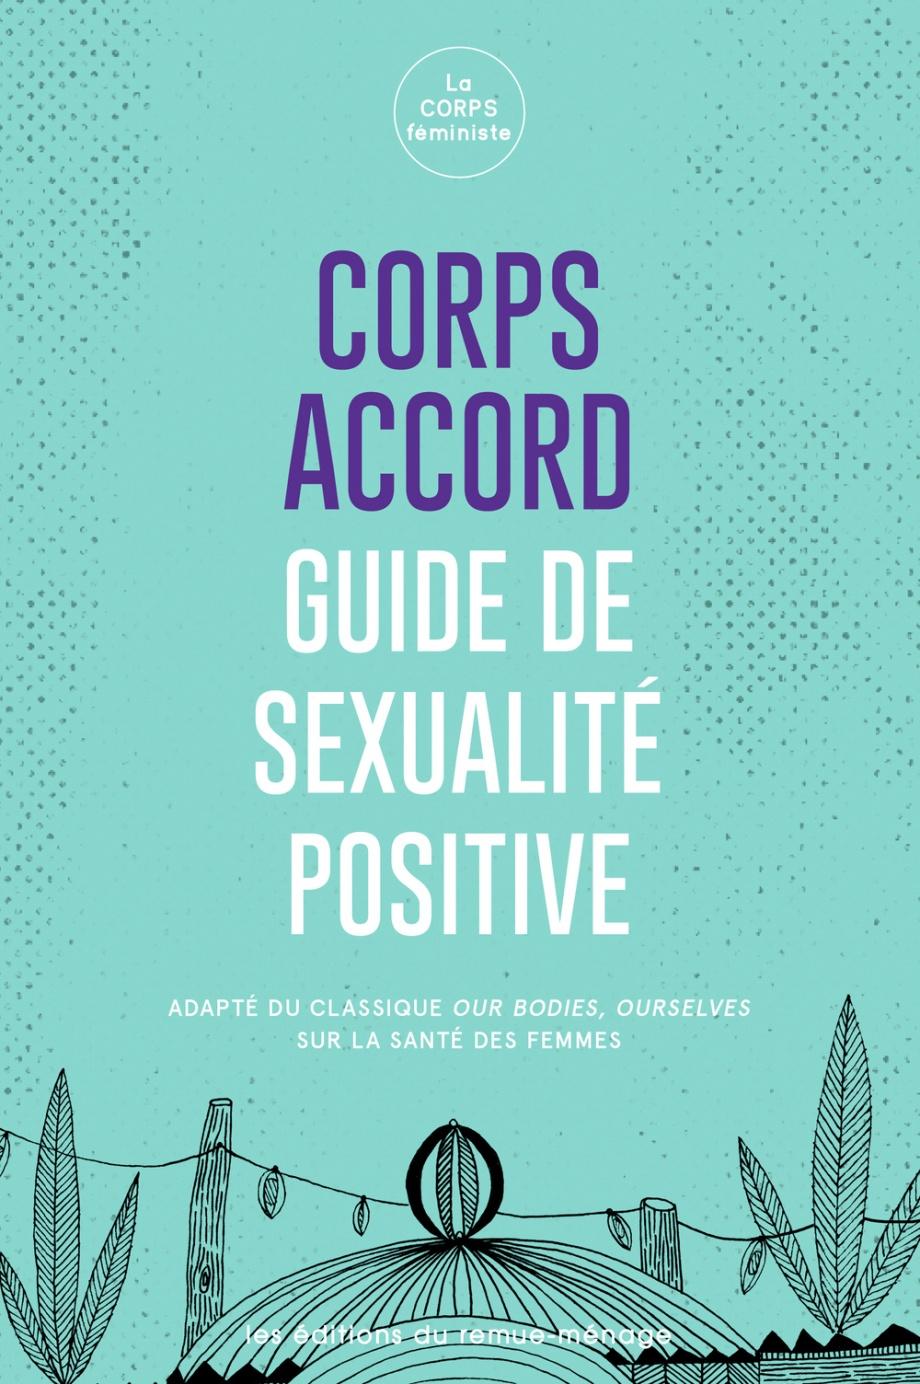 Corps accord : guide de sexualité positive de La CORPS féministe